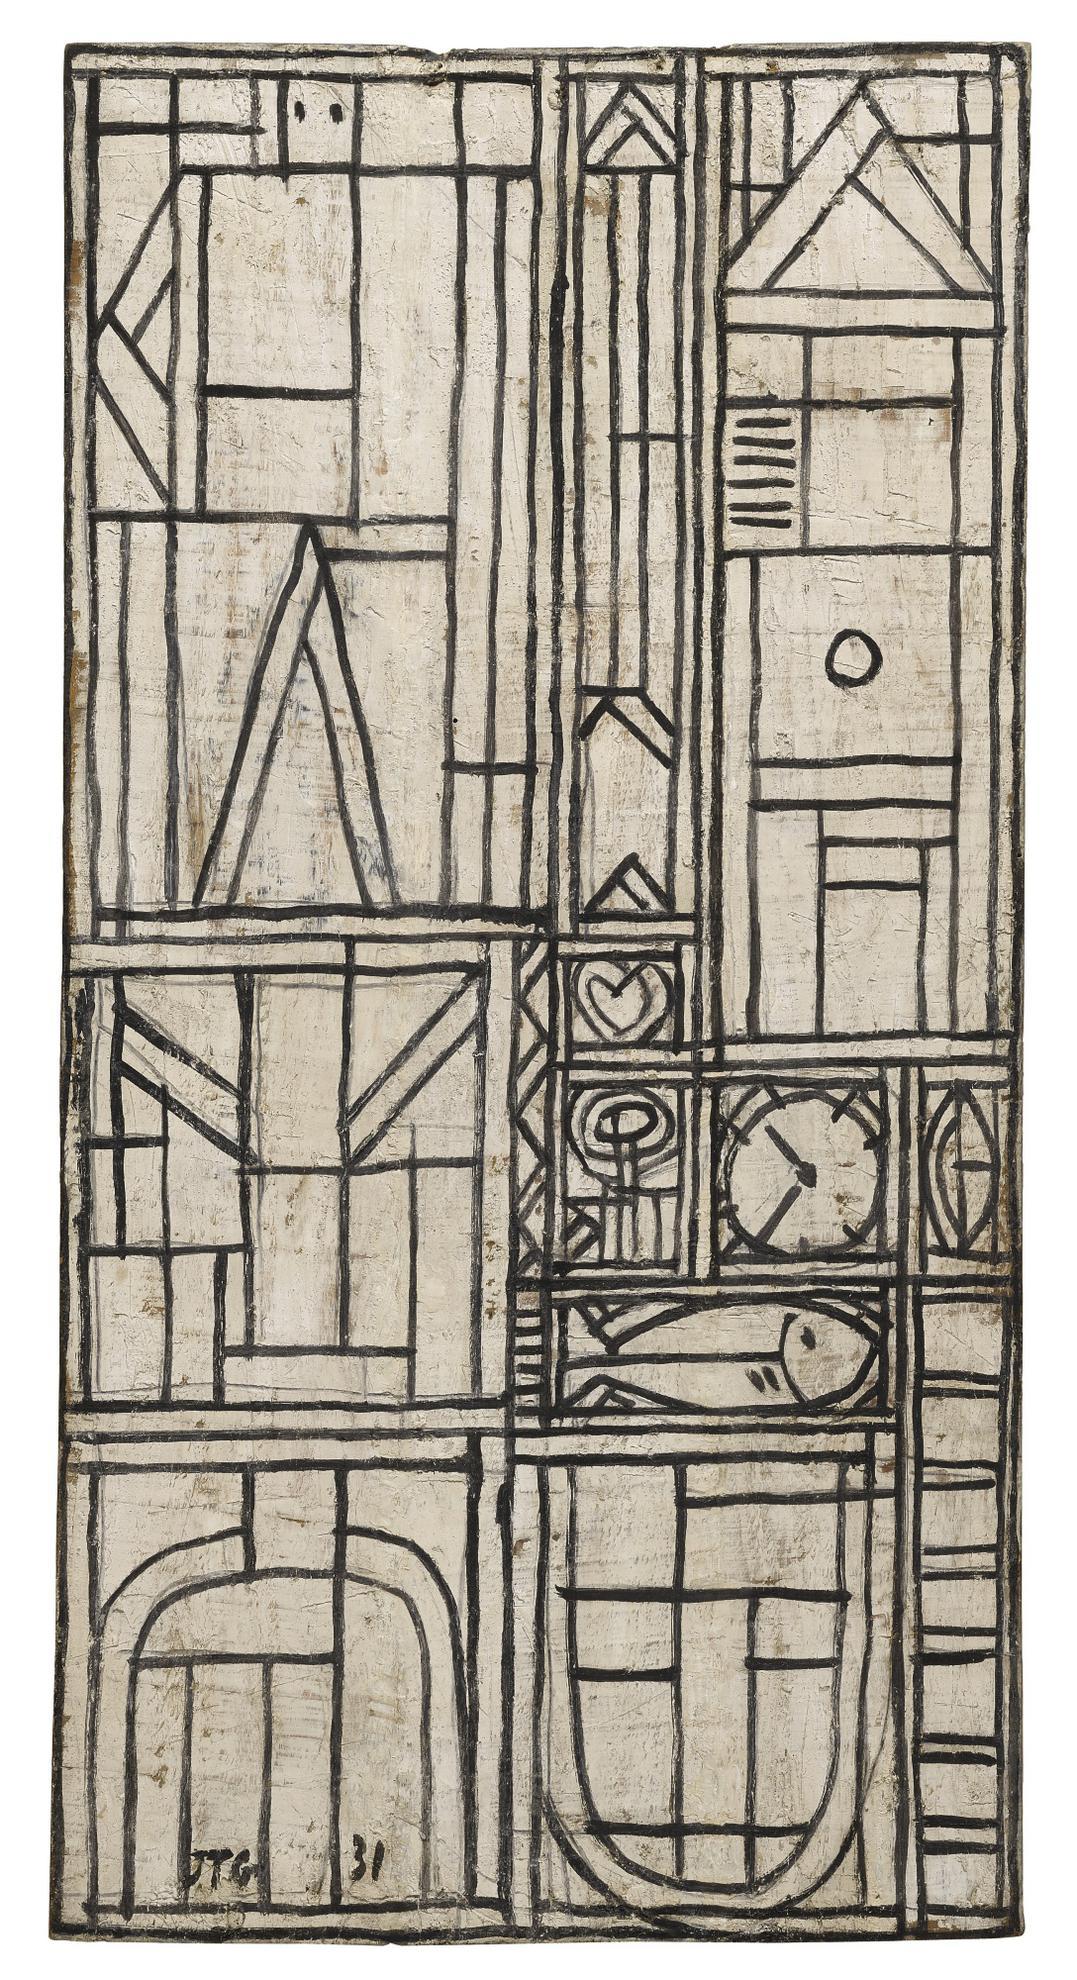 Joaquin Torres-Garcia-Constructivo En Blanco Y Negro Con Pez (Construction In White And Black With Fish)-1931